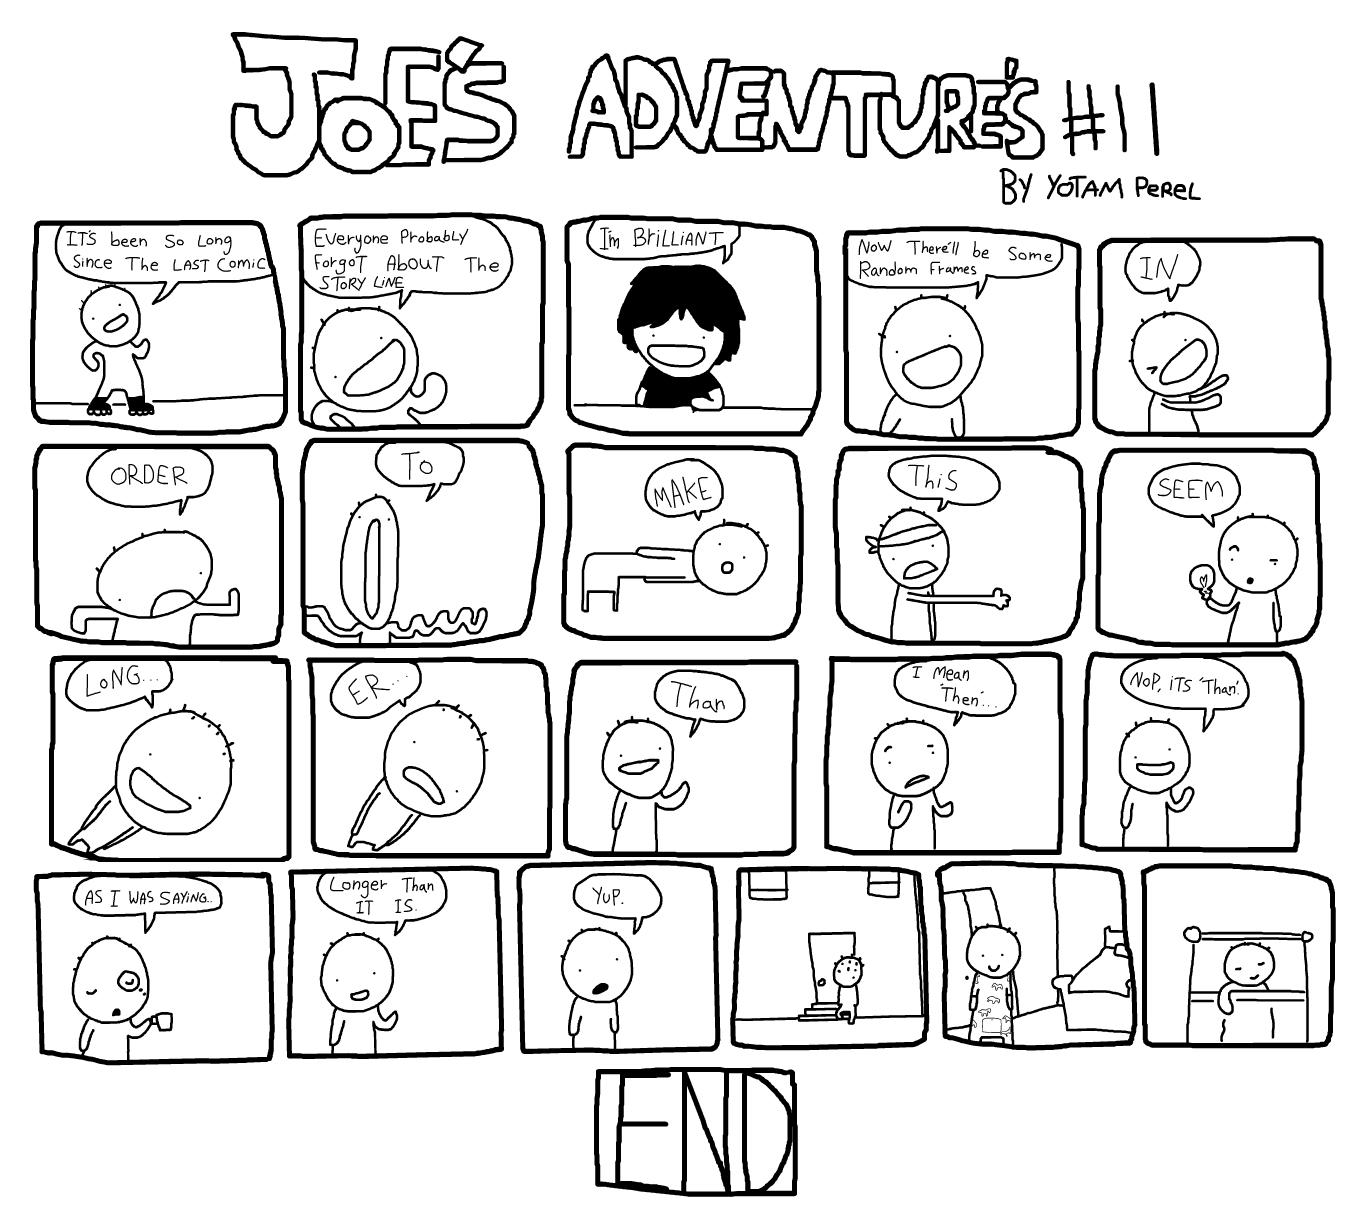 Joe's Adventures 11